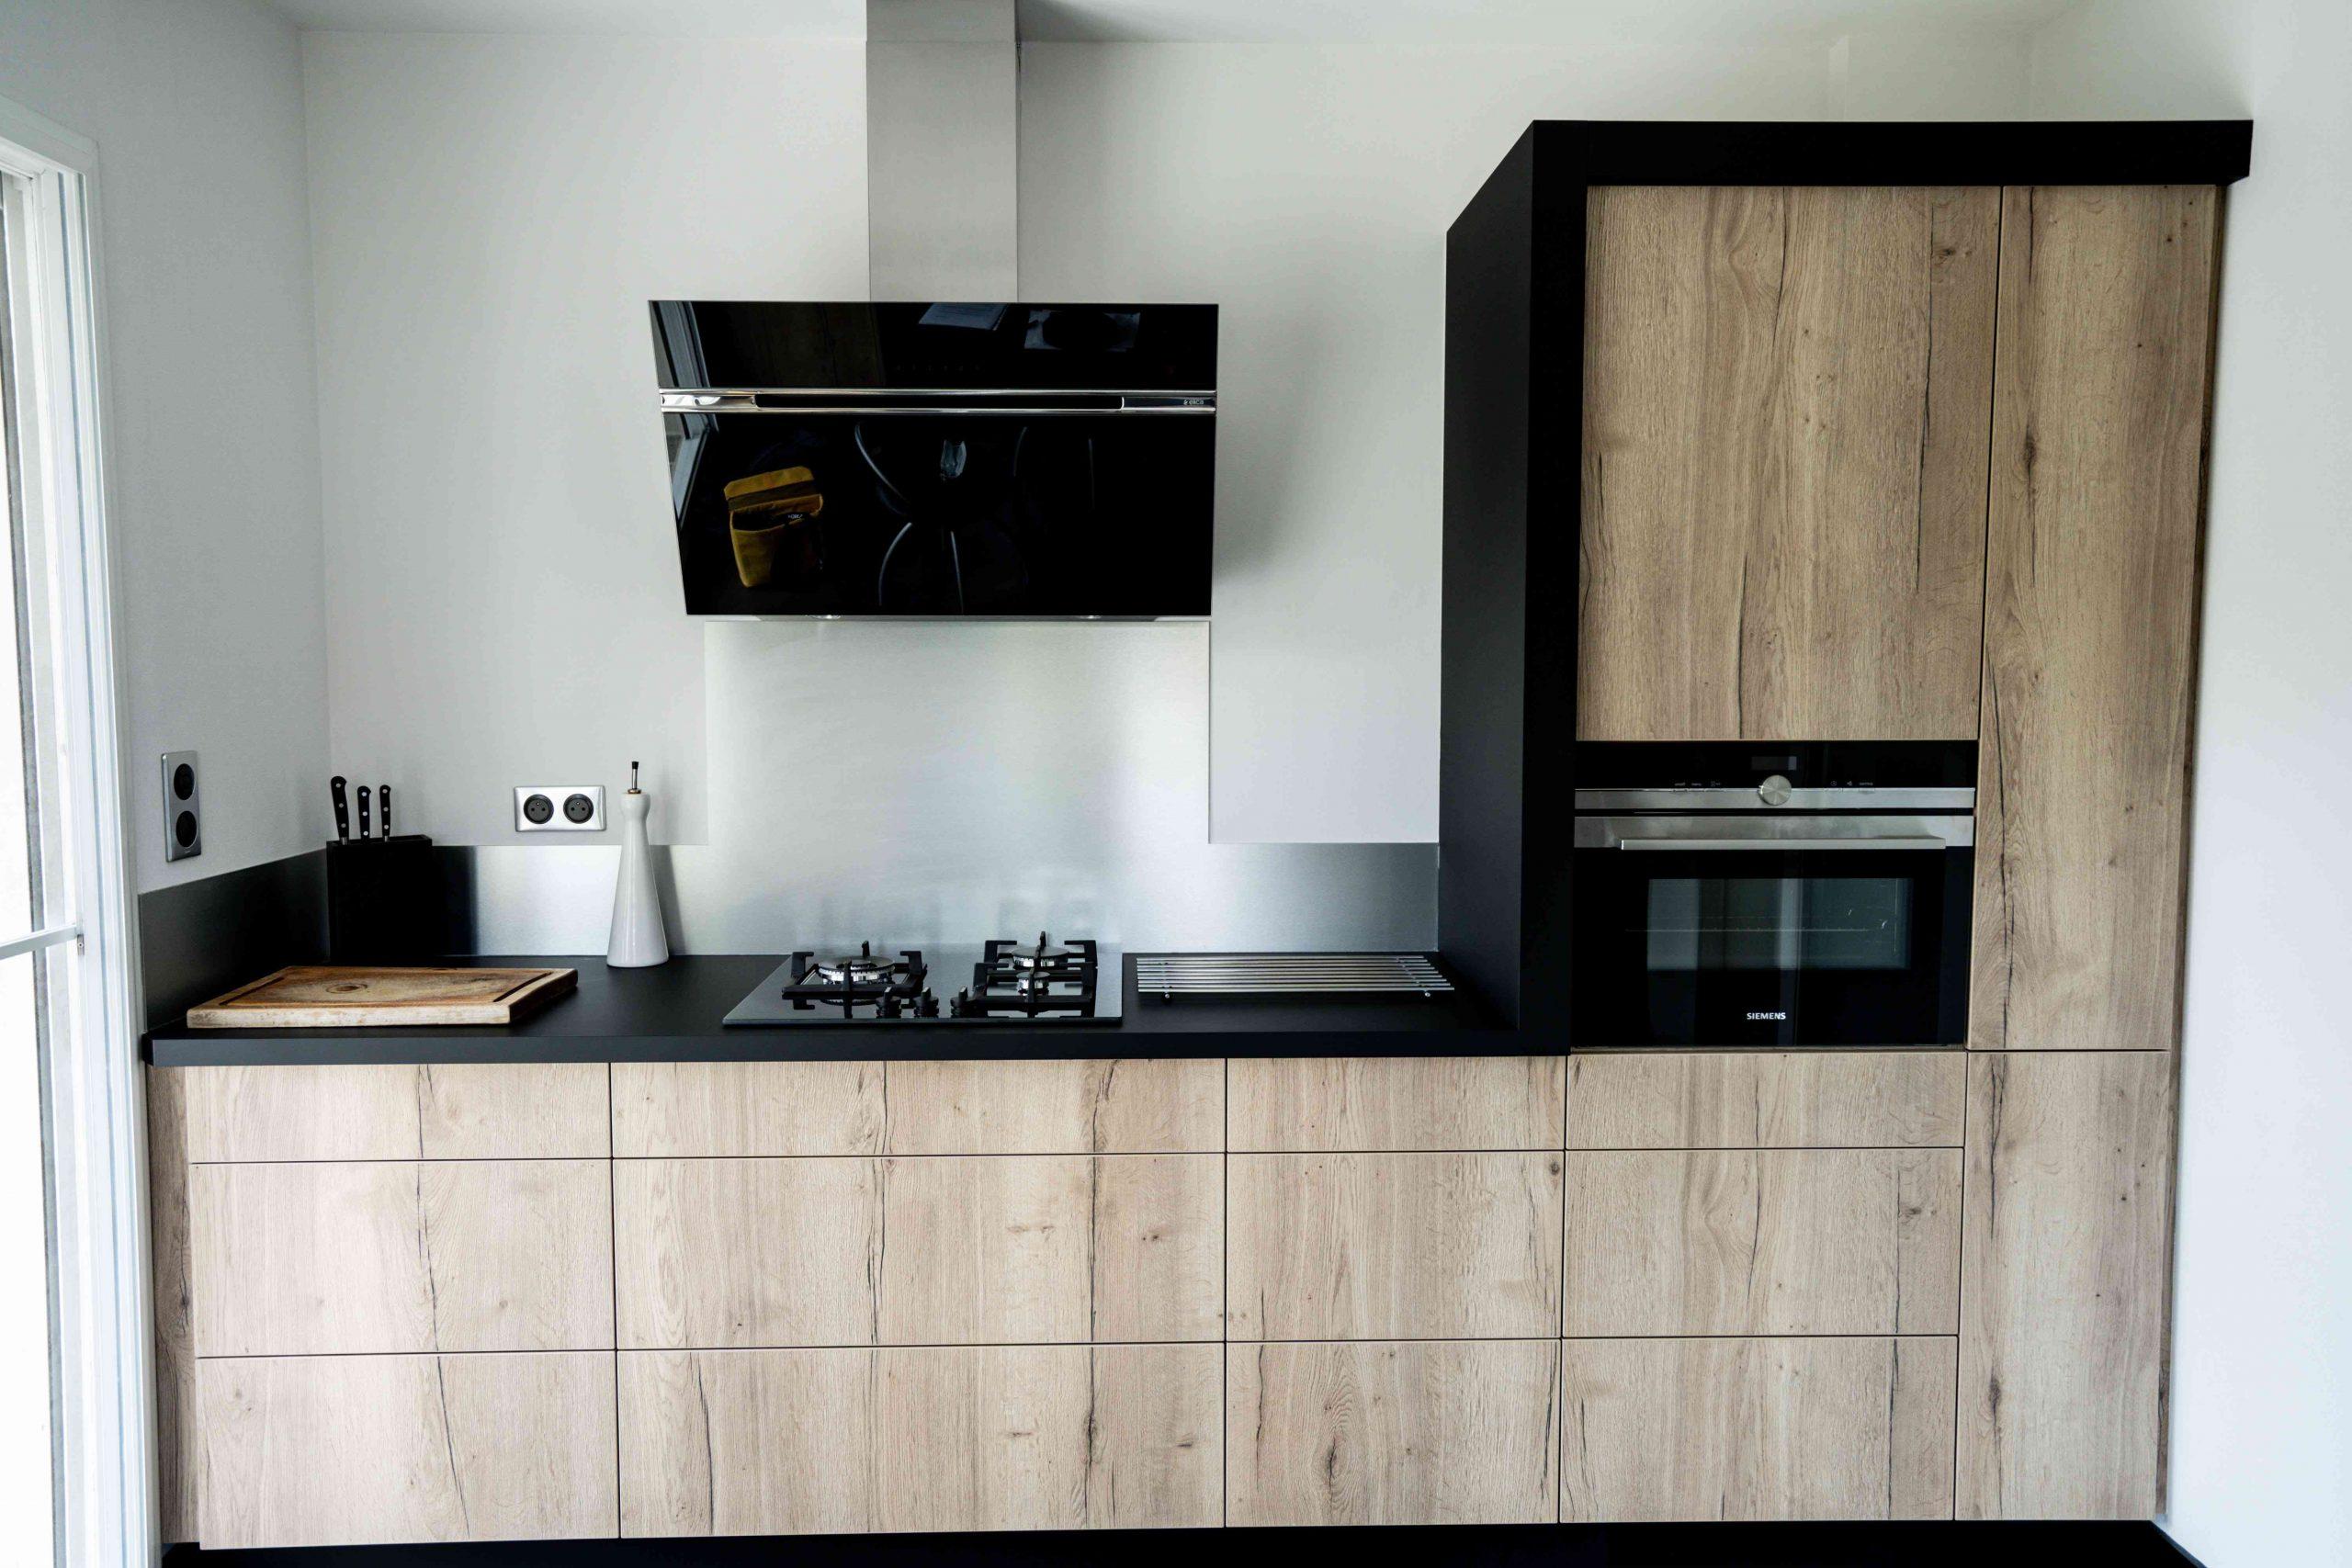 RDI01264 scaled - Cuisine noir et chêne avec table de repas arrondie